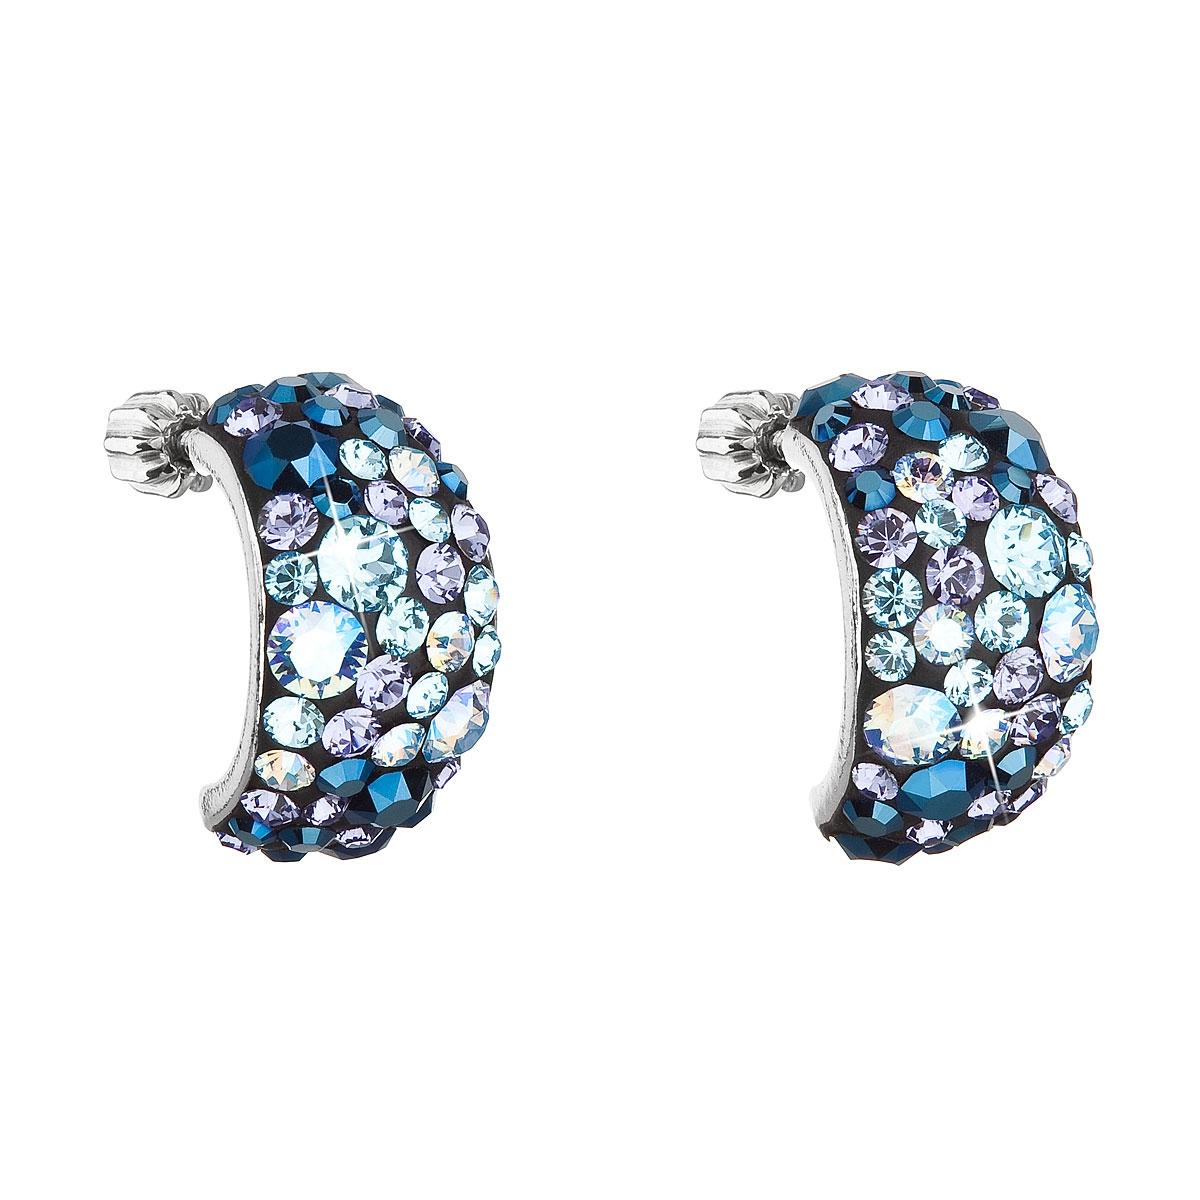 Stříbrné šroubovací náušnice s krystaly Crystals from Swarovski®, Blue Style EG2002-BS